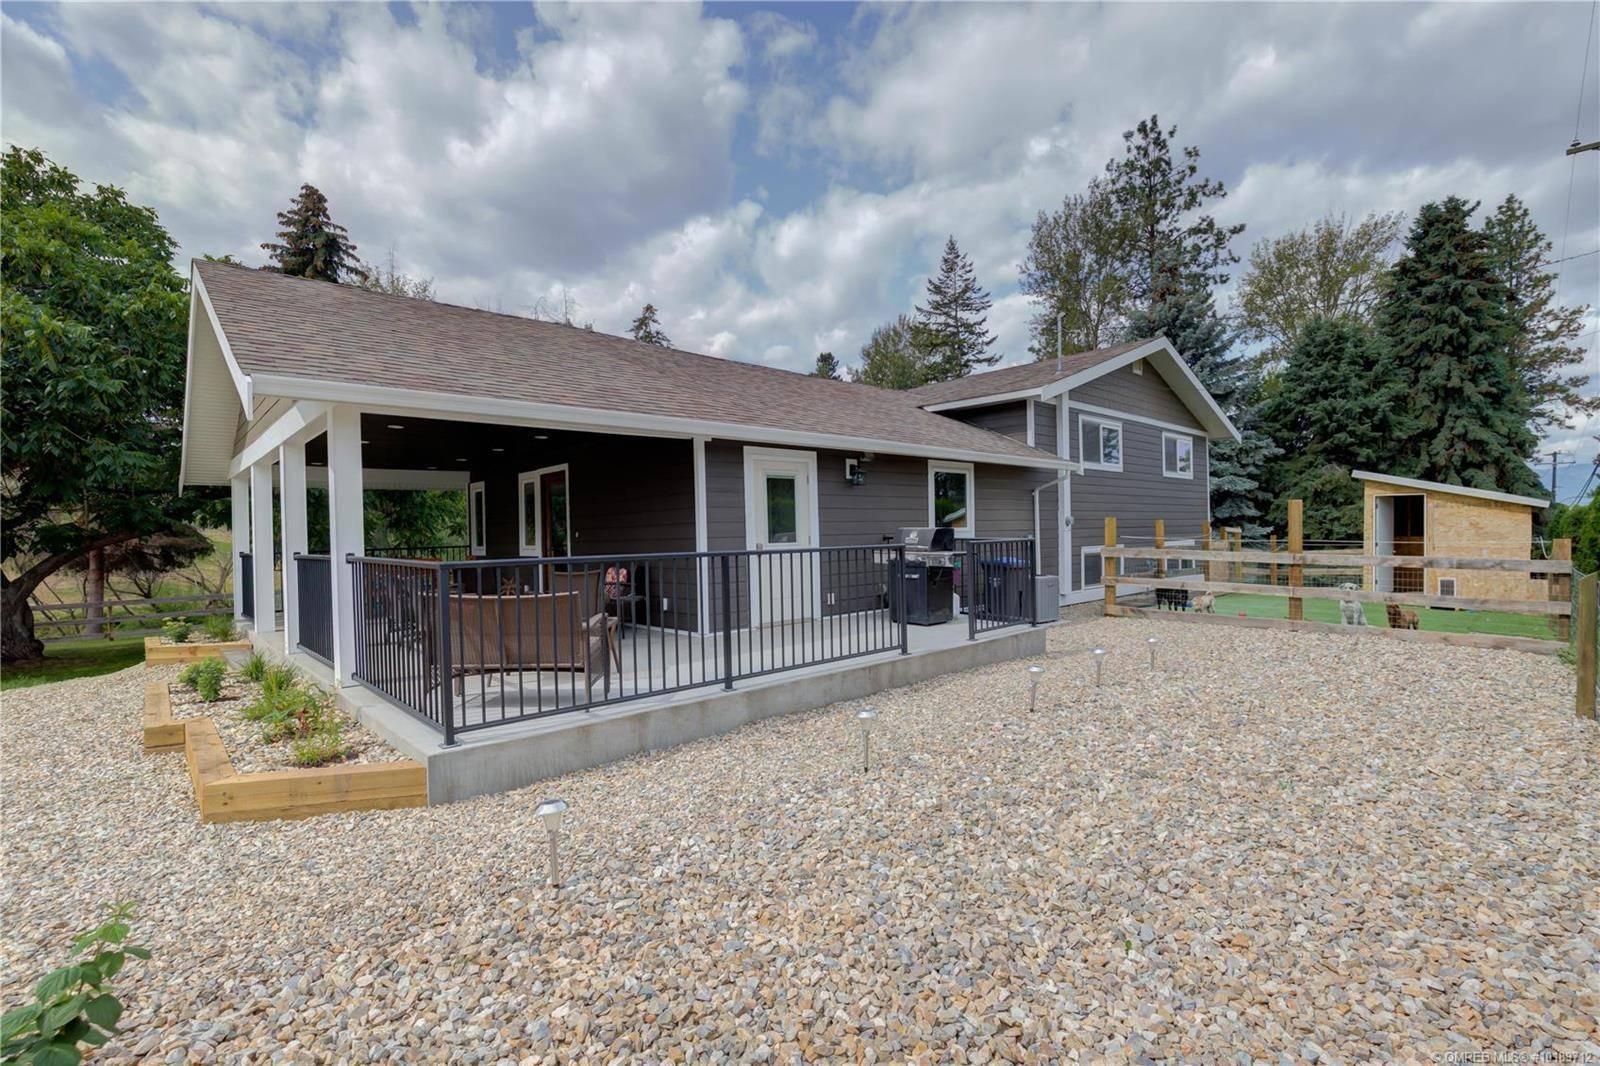 House for sale at 4020 June Springs Rd Kelowna British Columbia - MLS: 10189712